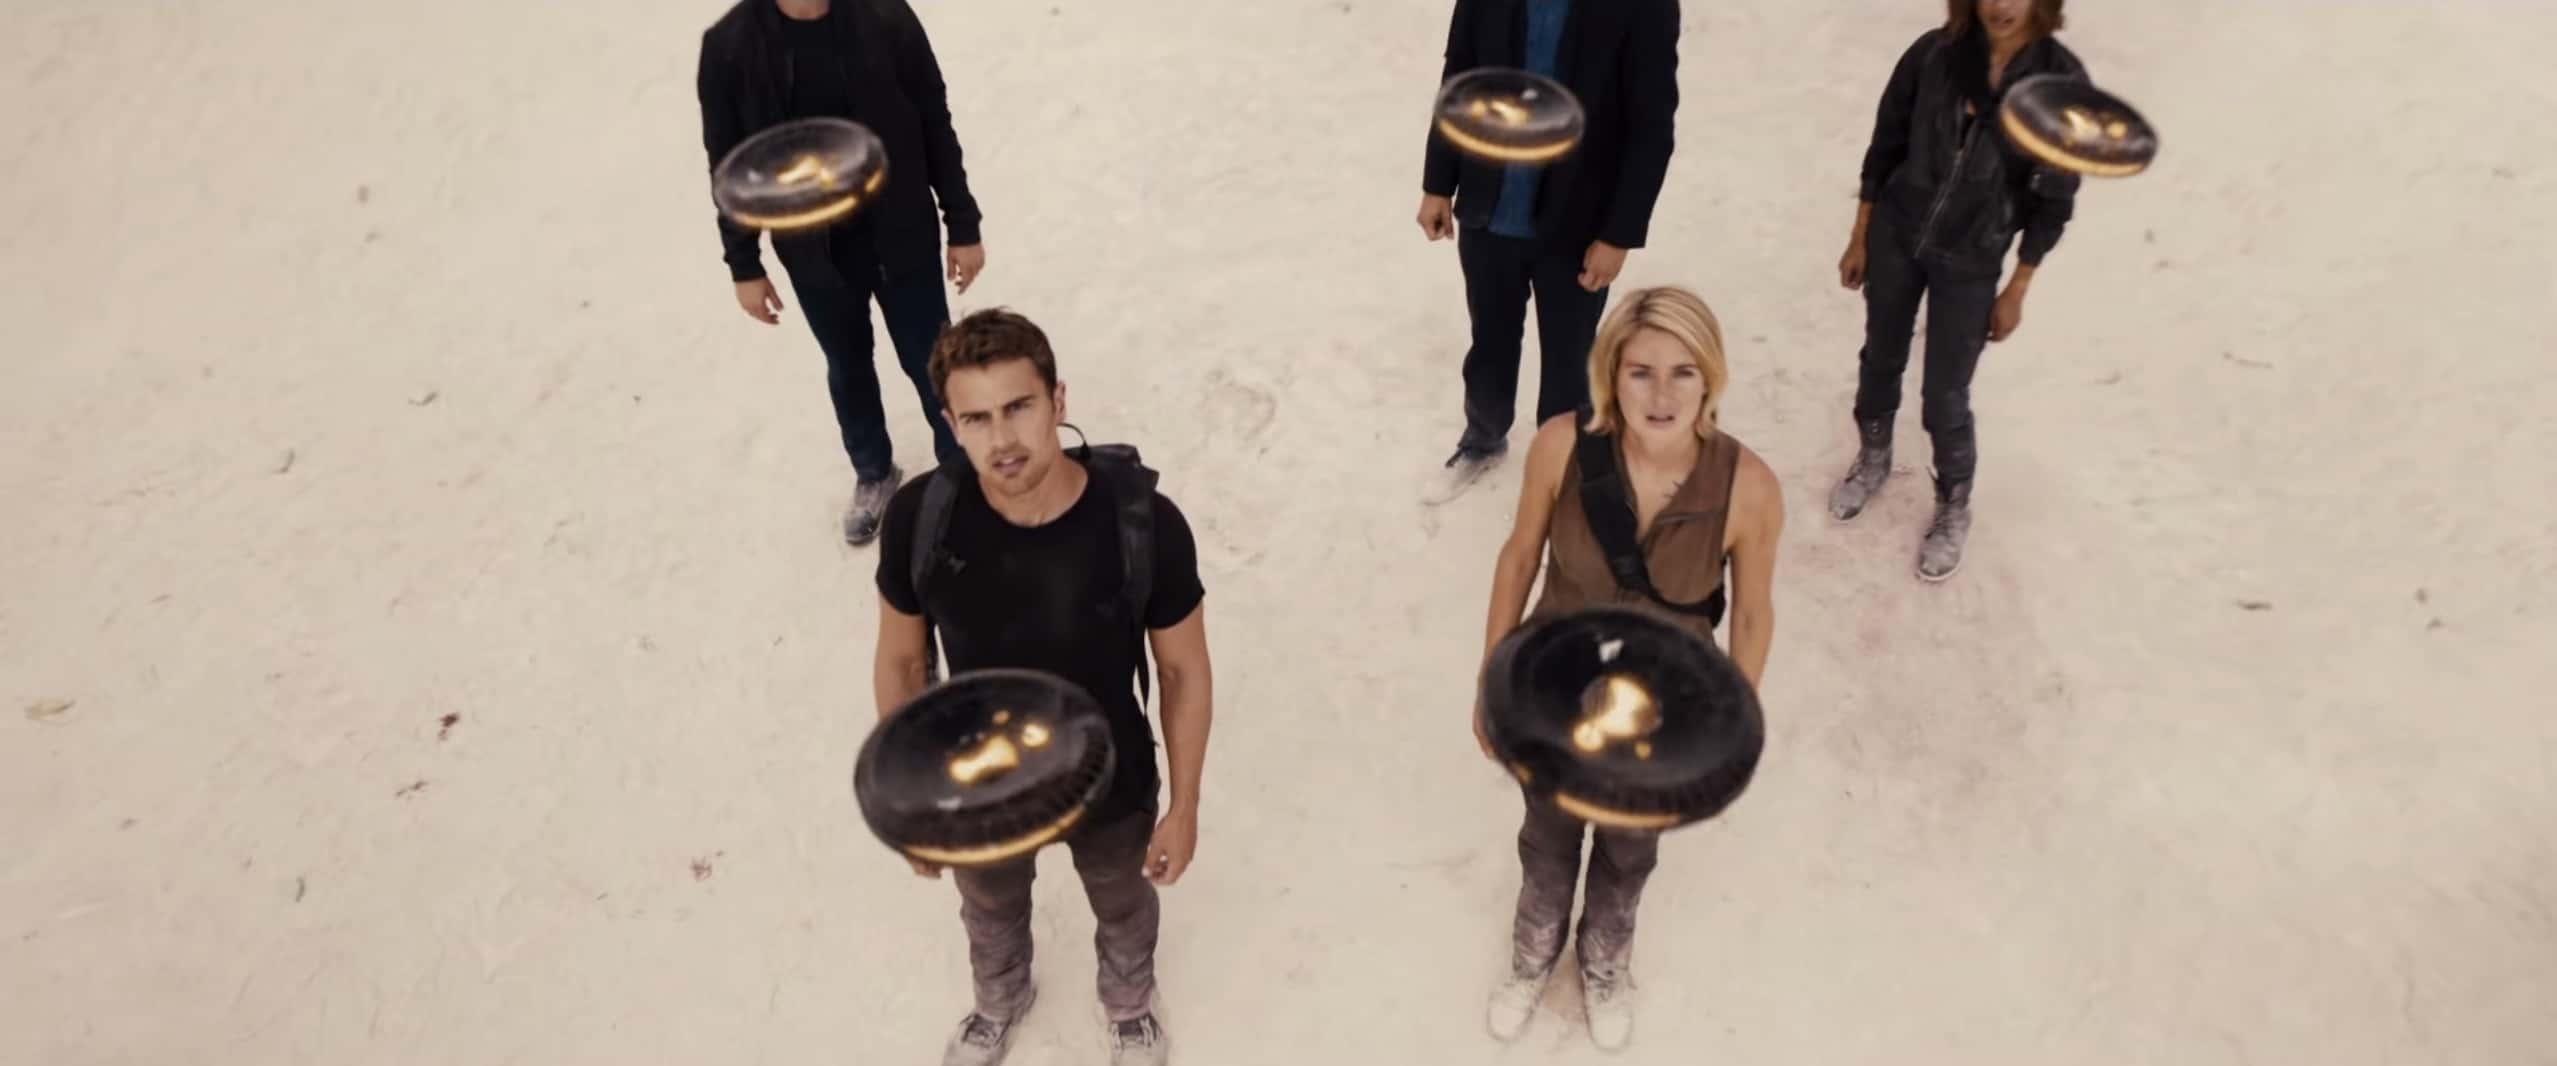 Les premières images de Divergente 3 - Allegiant